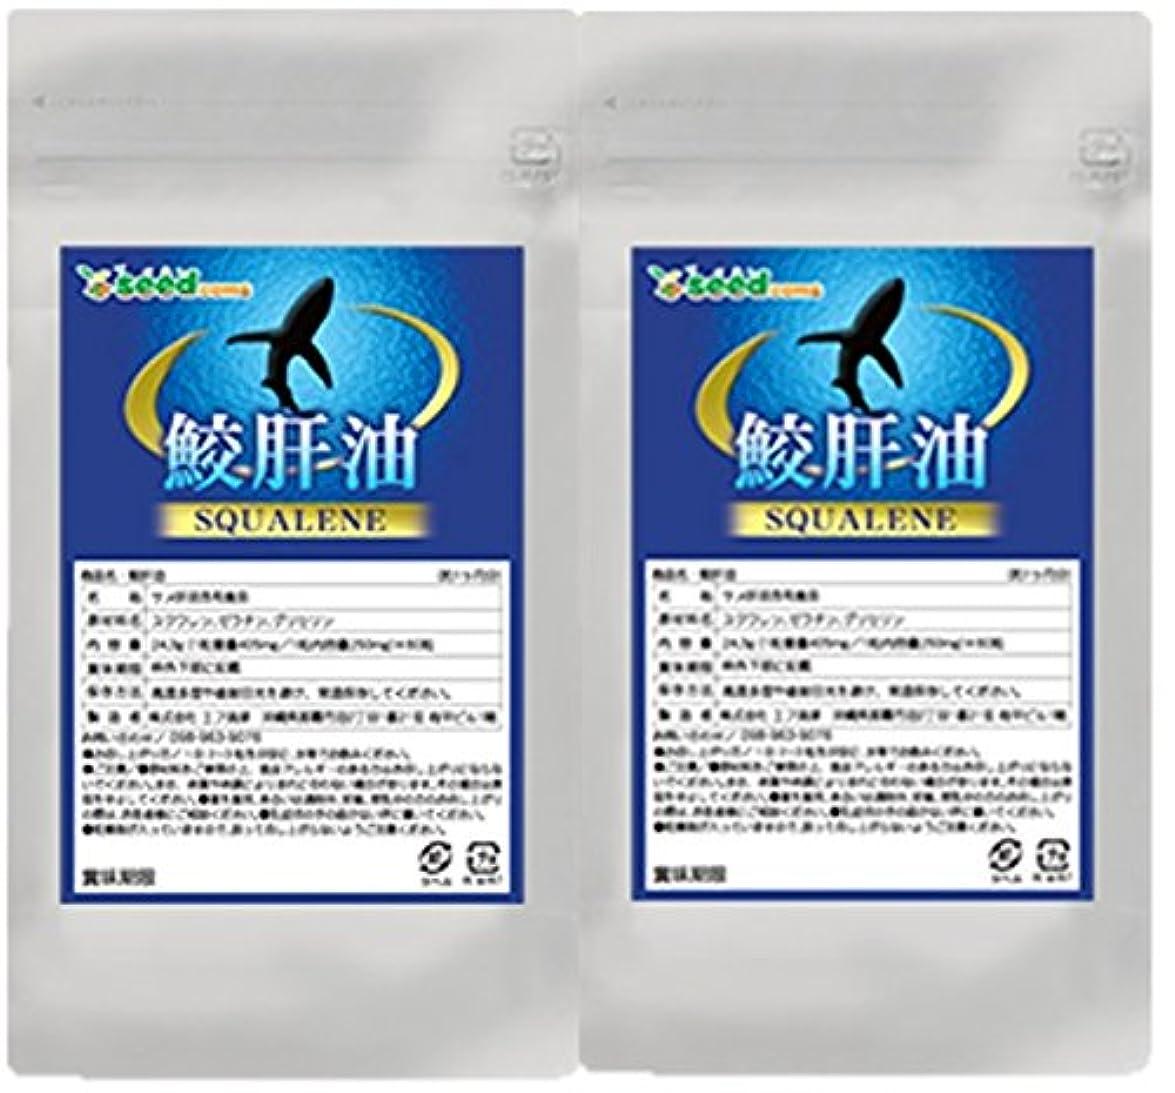 識字油ちらつきスクワレン 鮫肝油 (約6ヶ月分) 深海鮫の力強い生命力!!